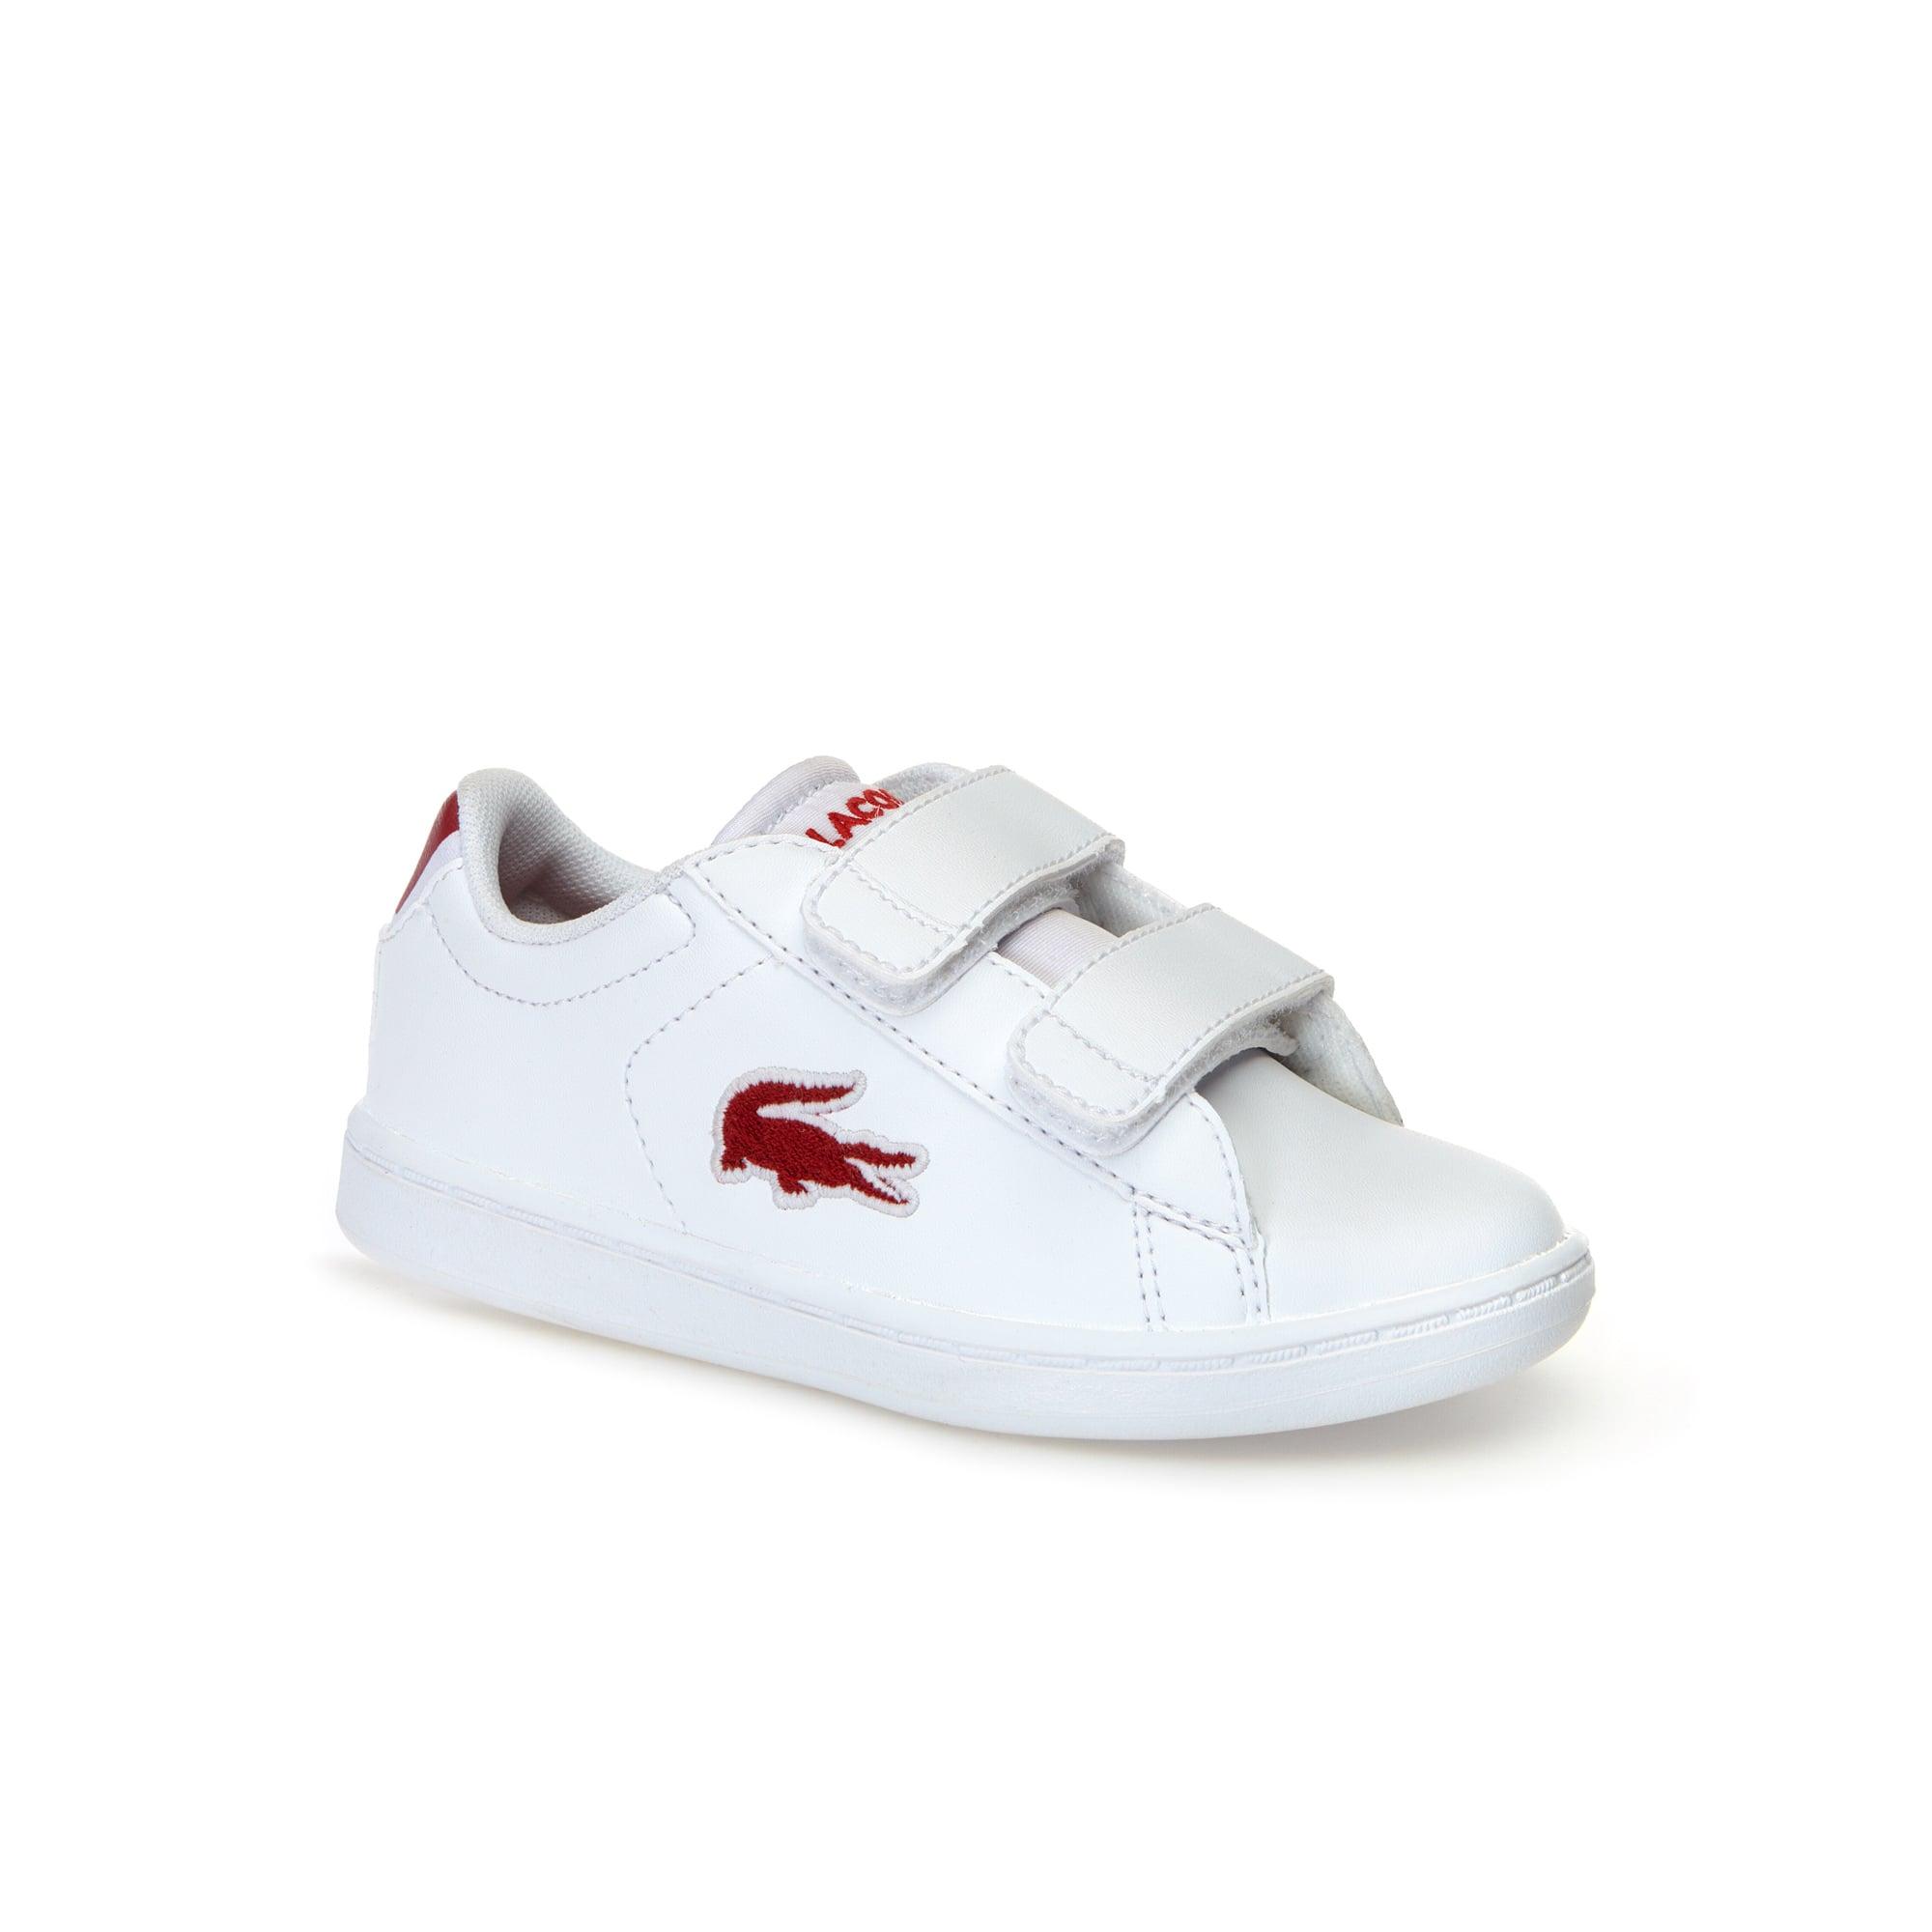 755b1d798 Zapatillas de niño Carnaby Evo de material sintético y textil con detalles  ...